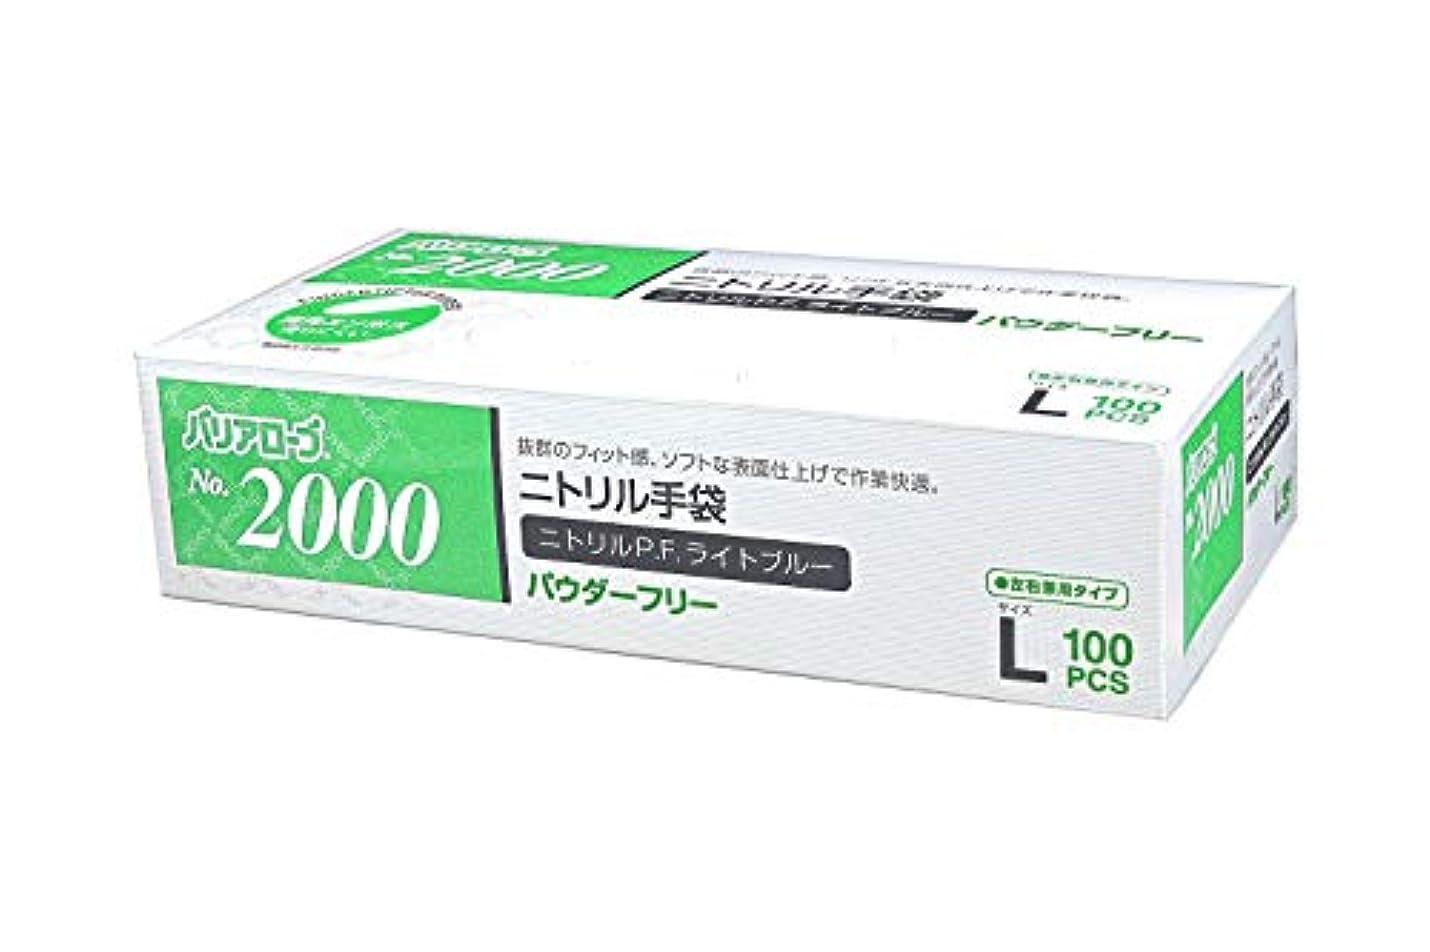 条件付き契約した前提条件【ケース販売】 バリアローブ №2000 ニトリルP.F.ライト ブルー (パウダーフリー) L 2000枚(100枚×20箱)